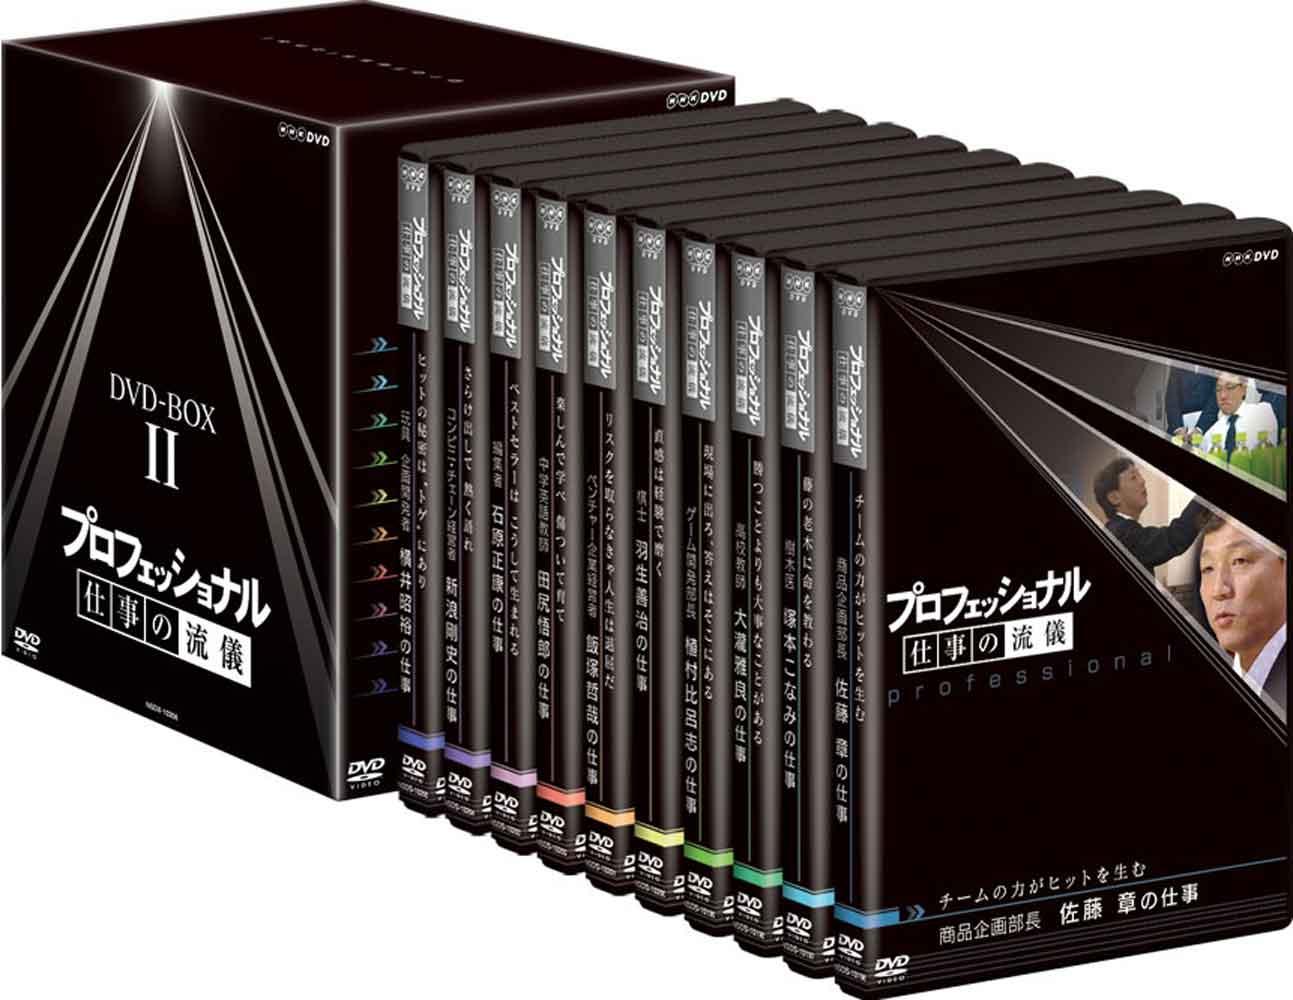 プロフェッショナル 仕事の流儀 第2期 DVD-BOX